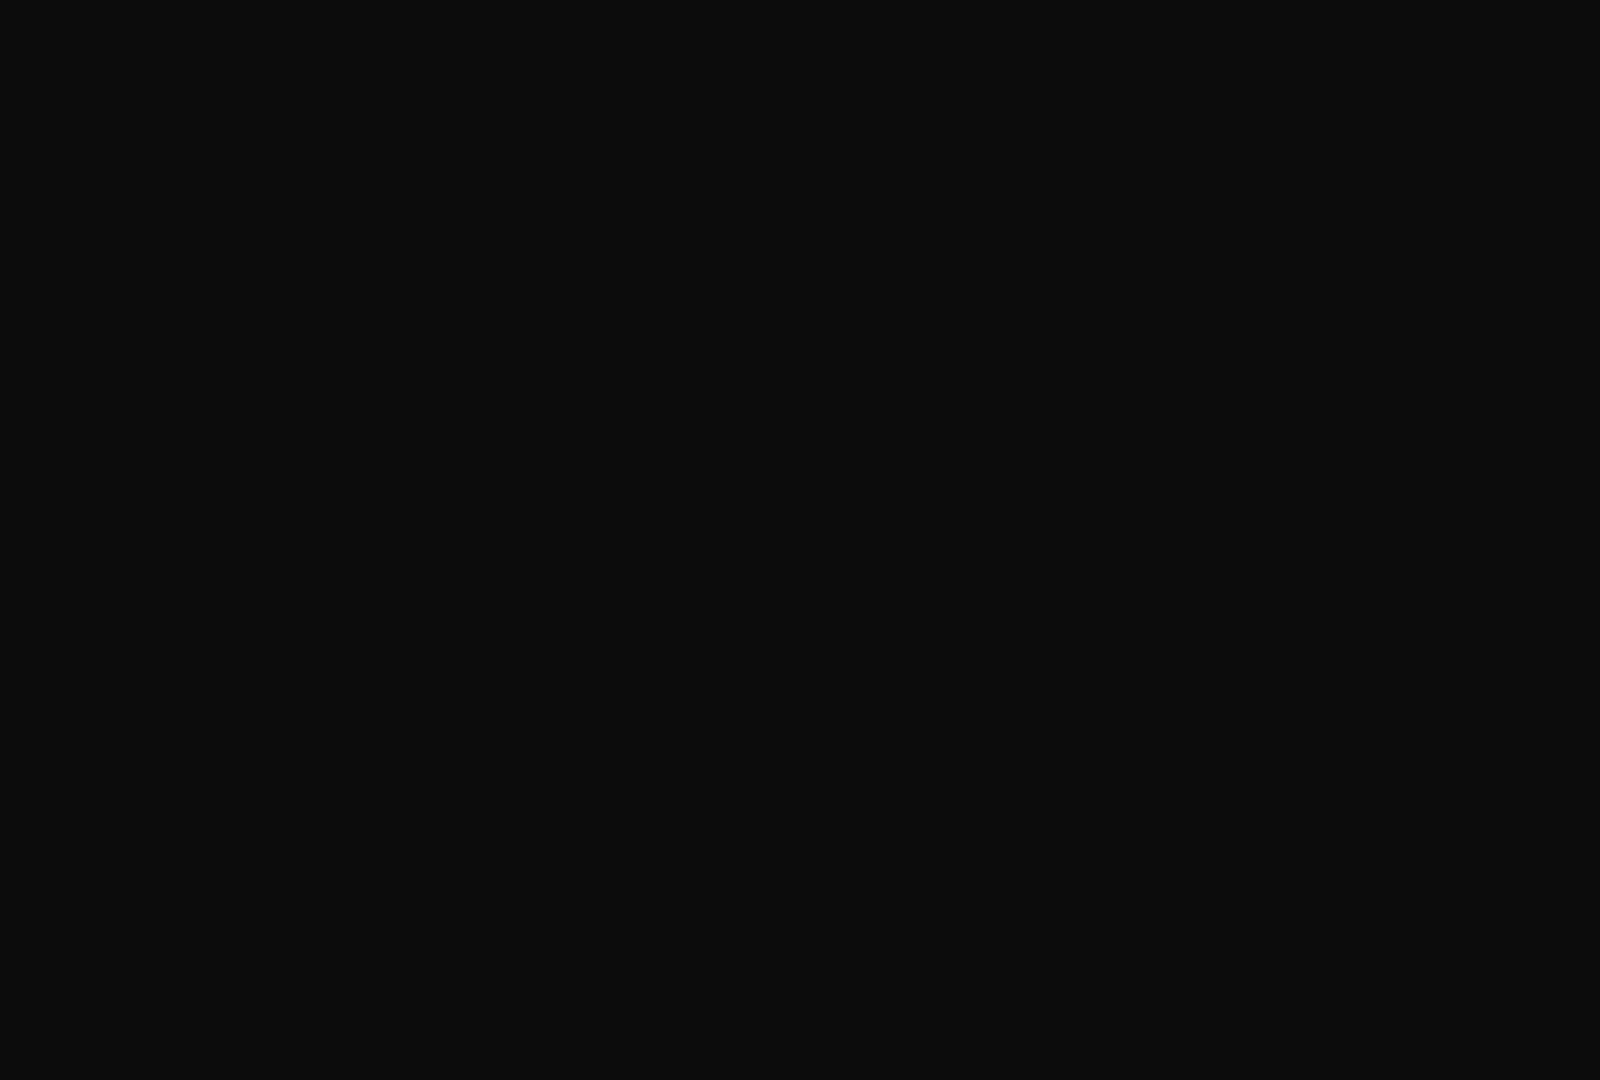 充血監督の深夜の運動会Vol.62 カーセックス | エロティックなOL  77画像 28